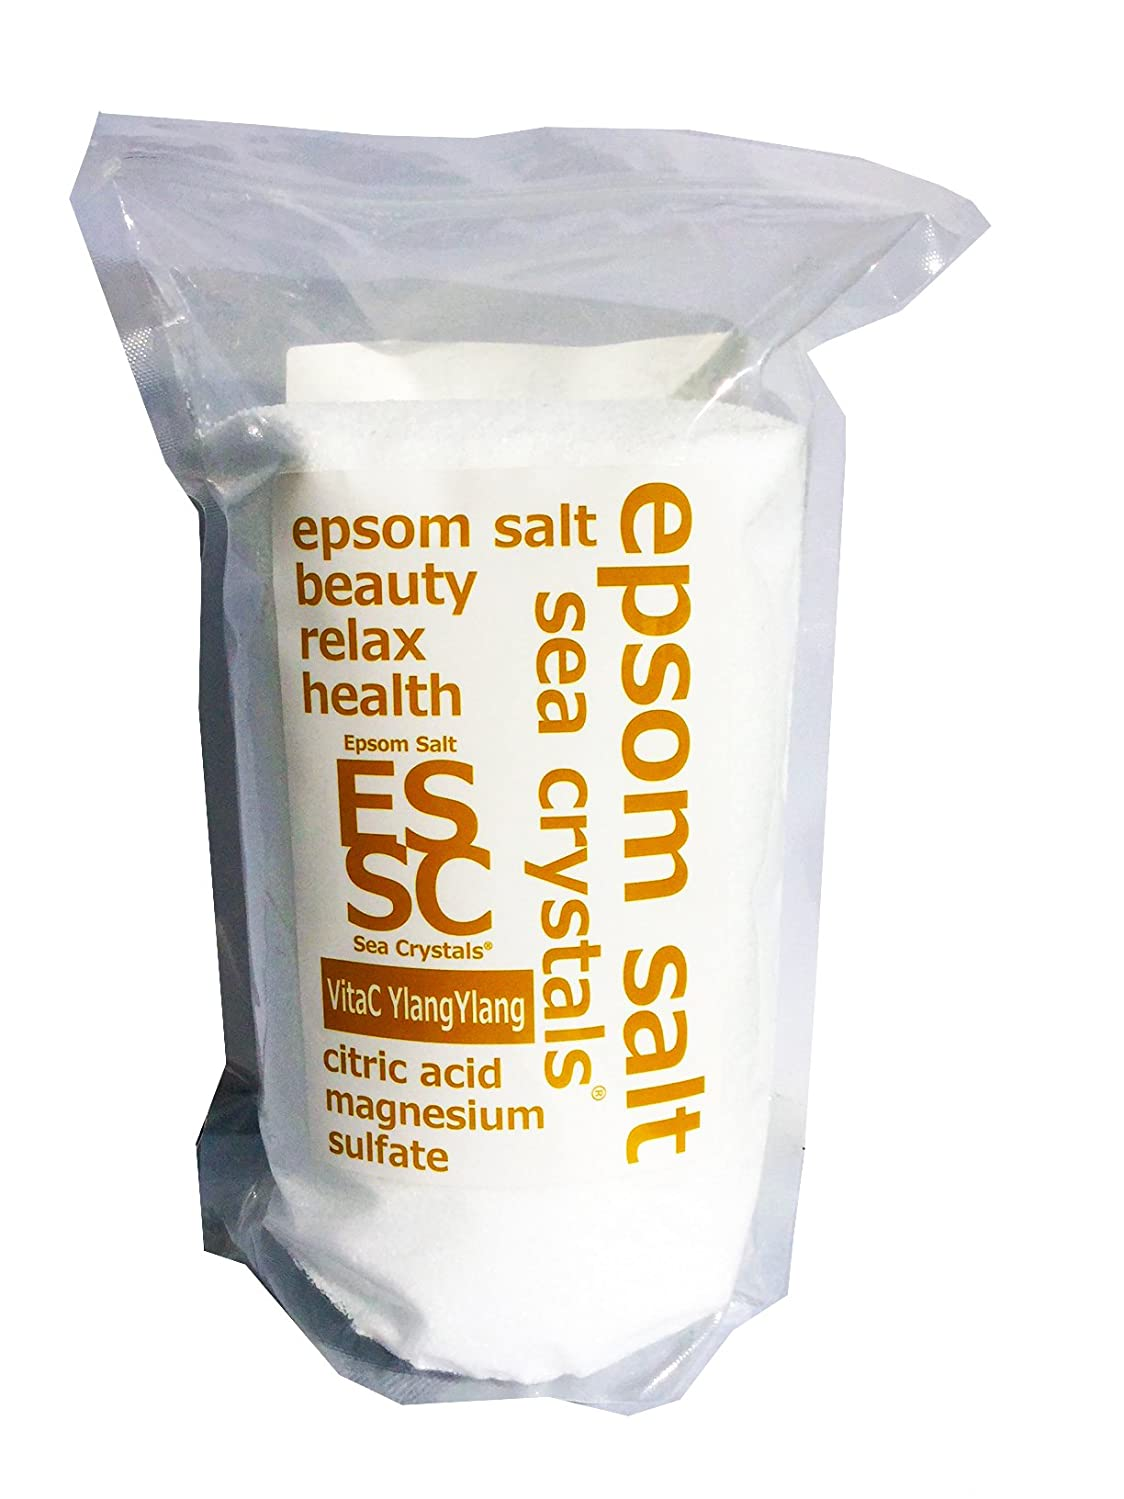 脚本家ファブリック意見【Amazon.co.jp 限定】エプソムソルト 2.2kg イランイランの香り ビタミンC配合 計量スプーン付